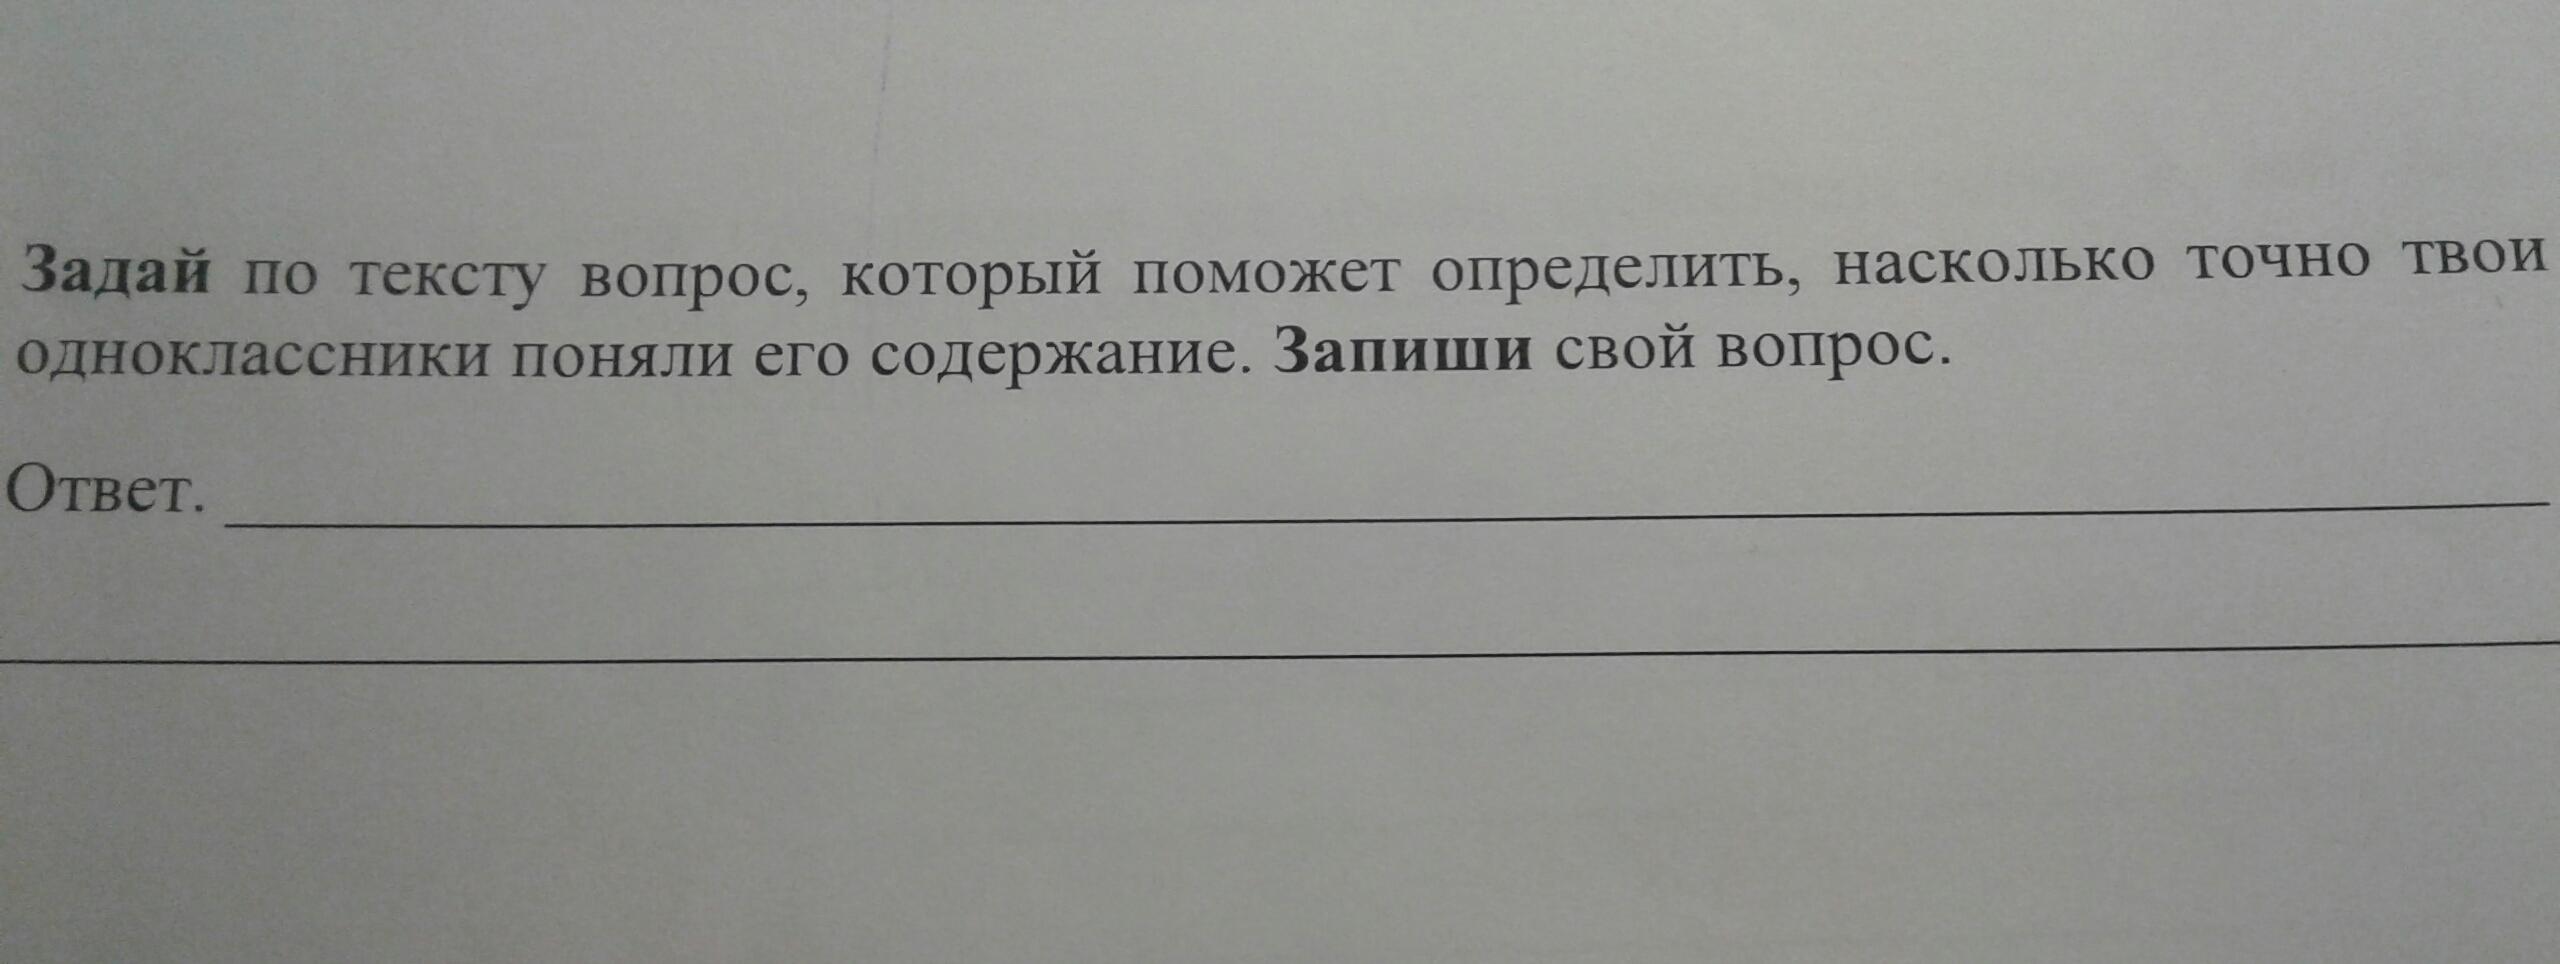 Задай по тексту вопрос который поможет определить